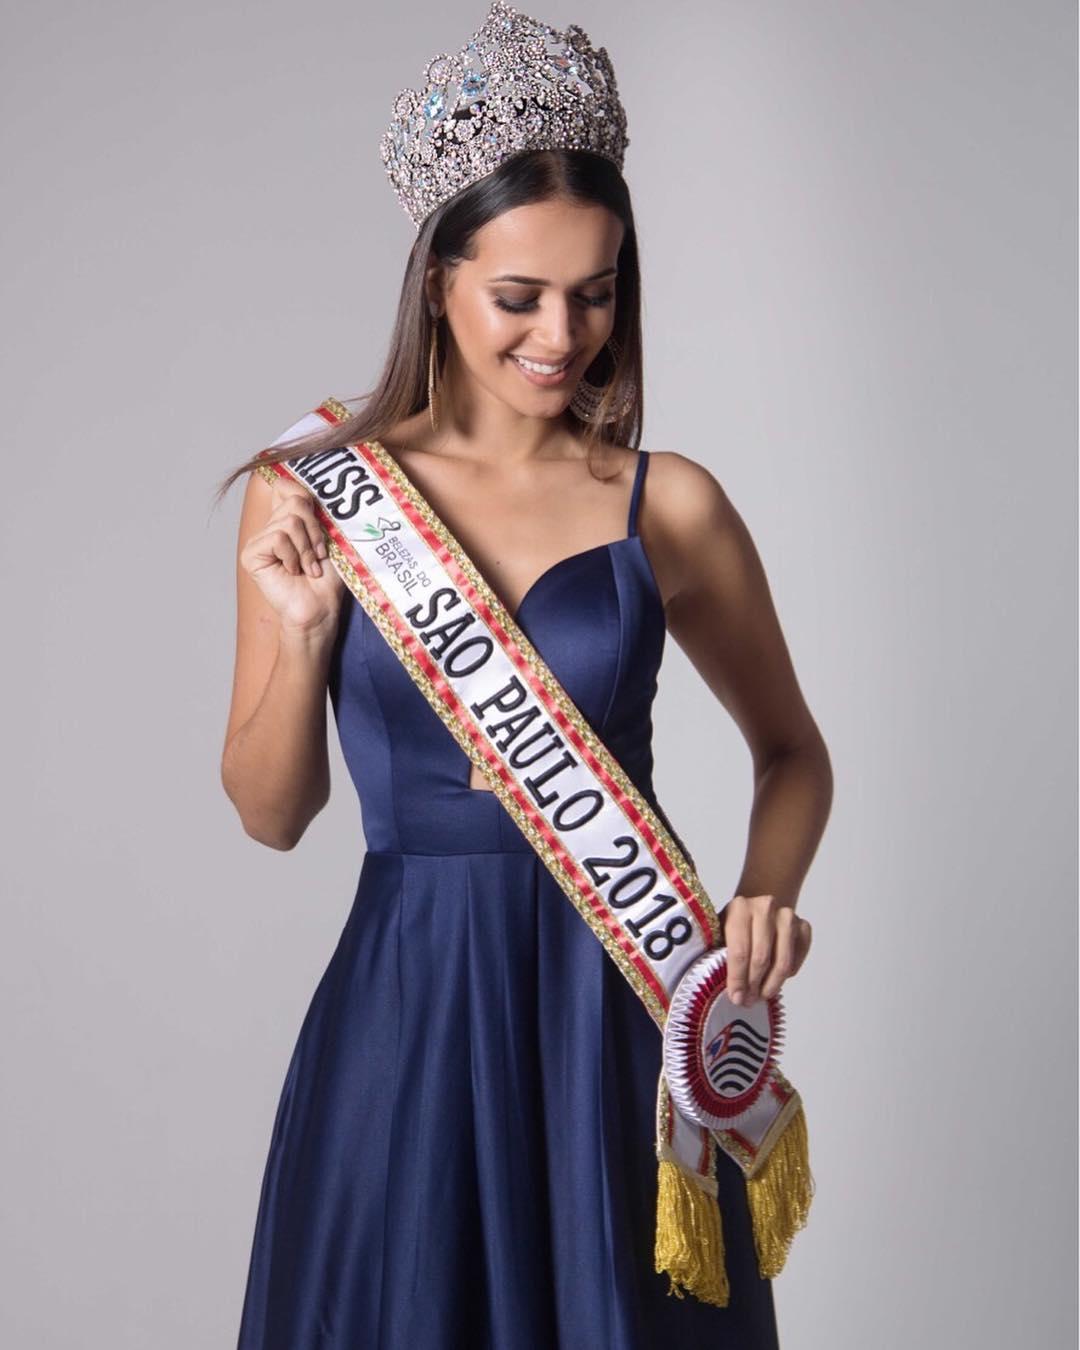 flavia polido, miss brasil intercontinental 2018-2019. 36592511